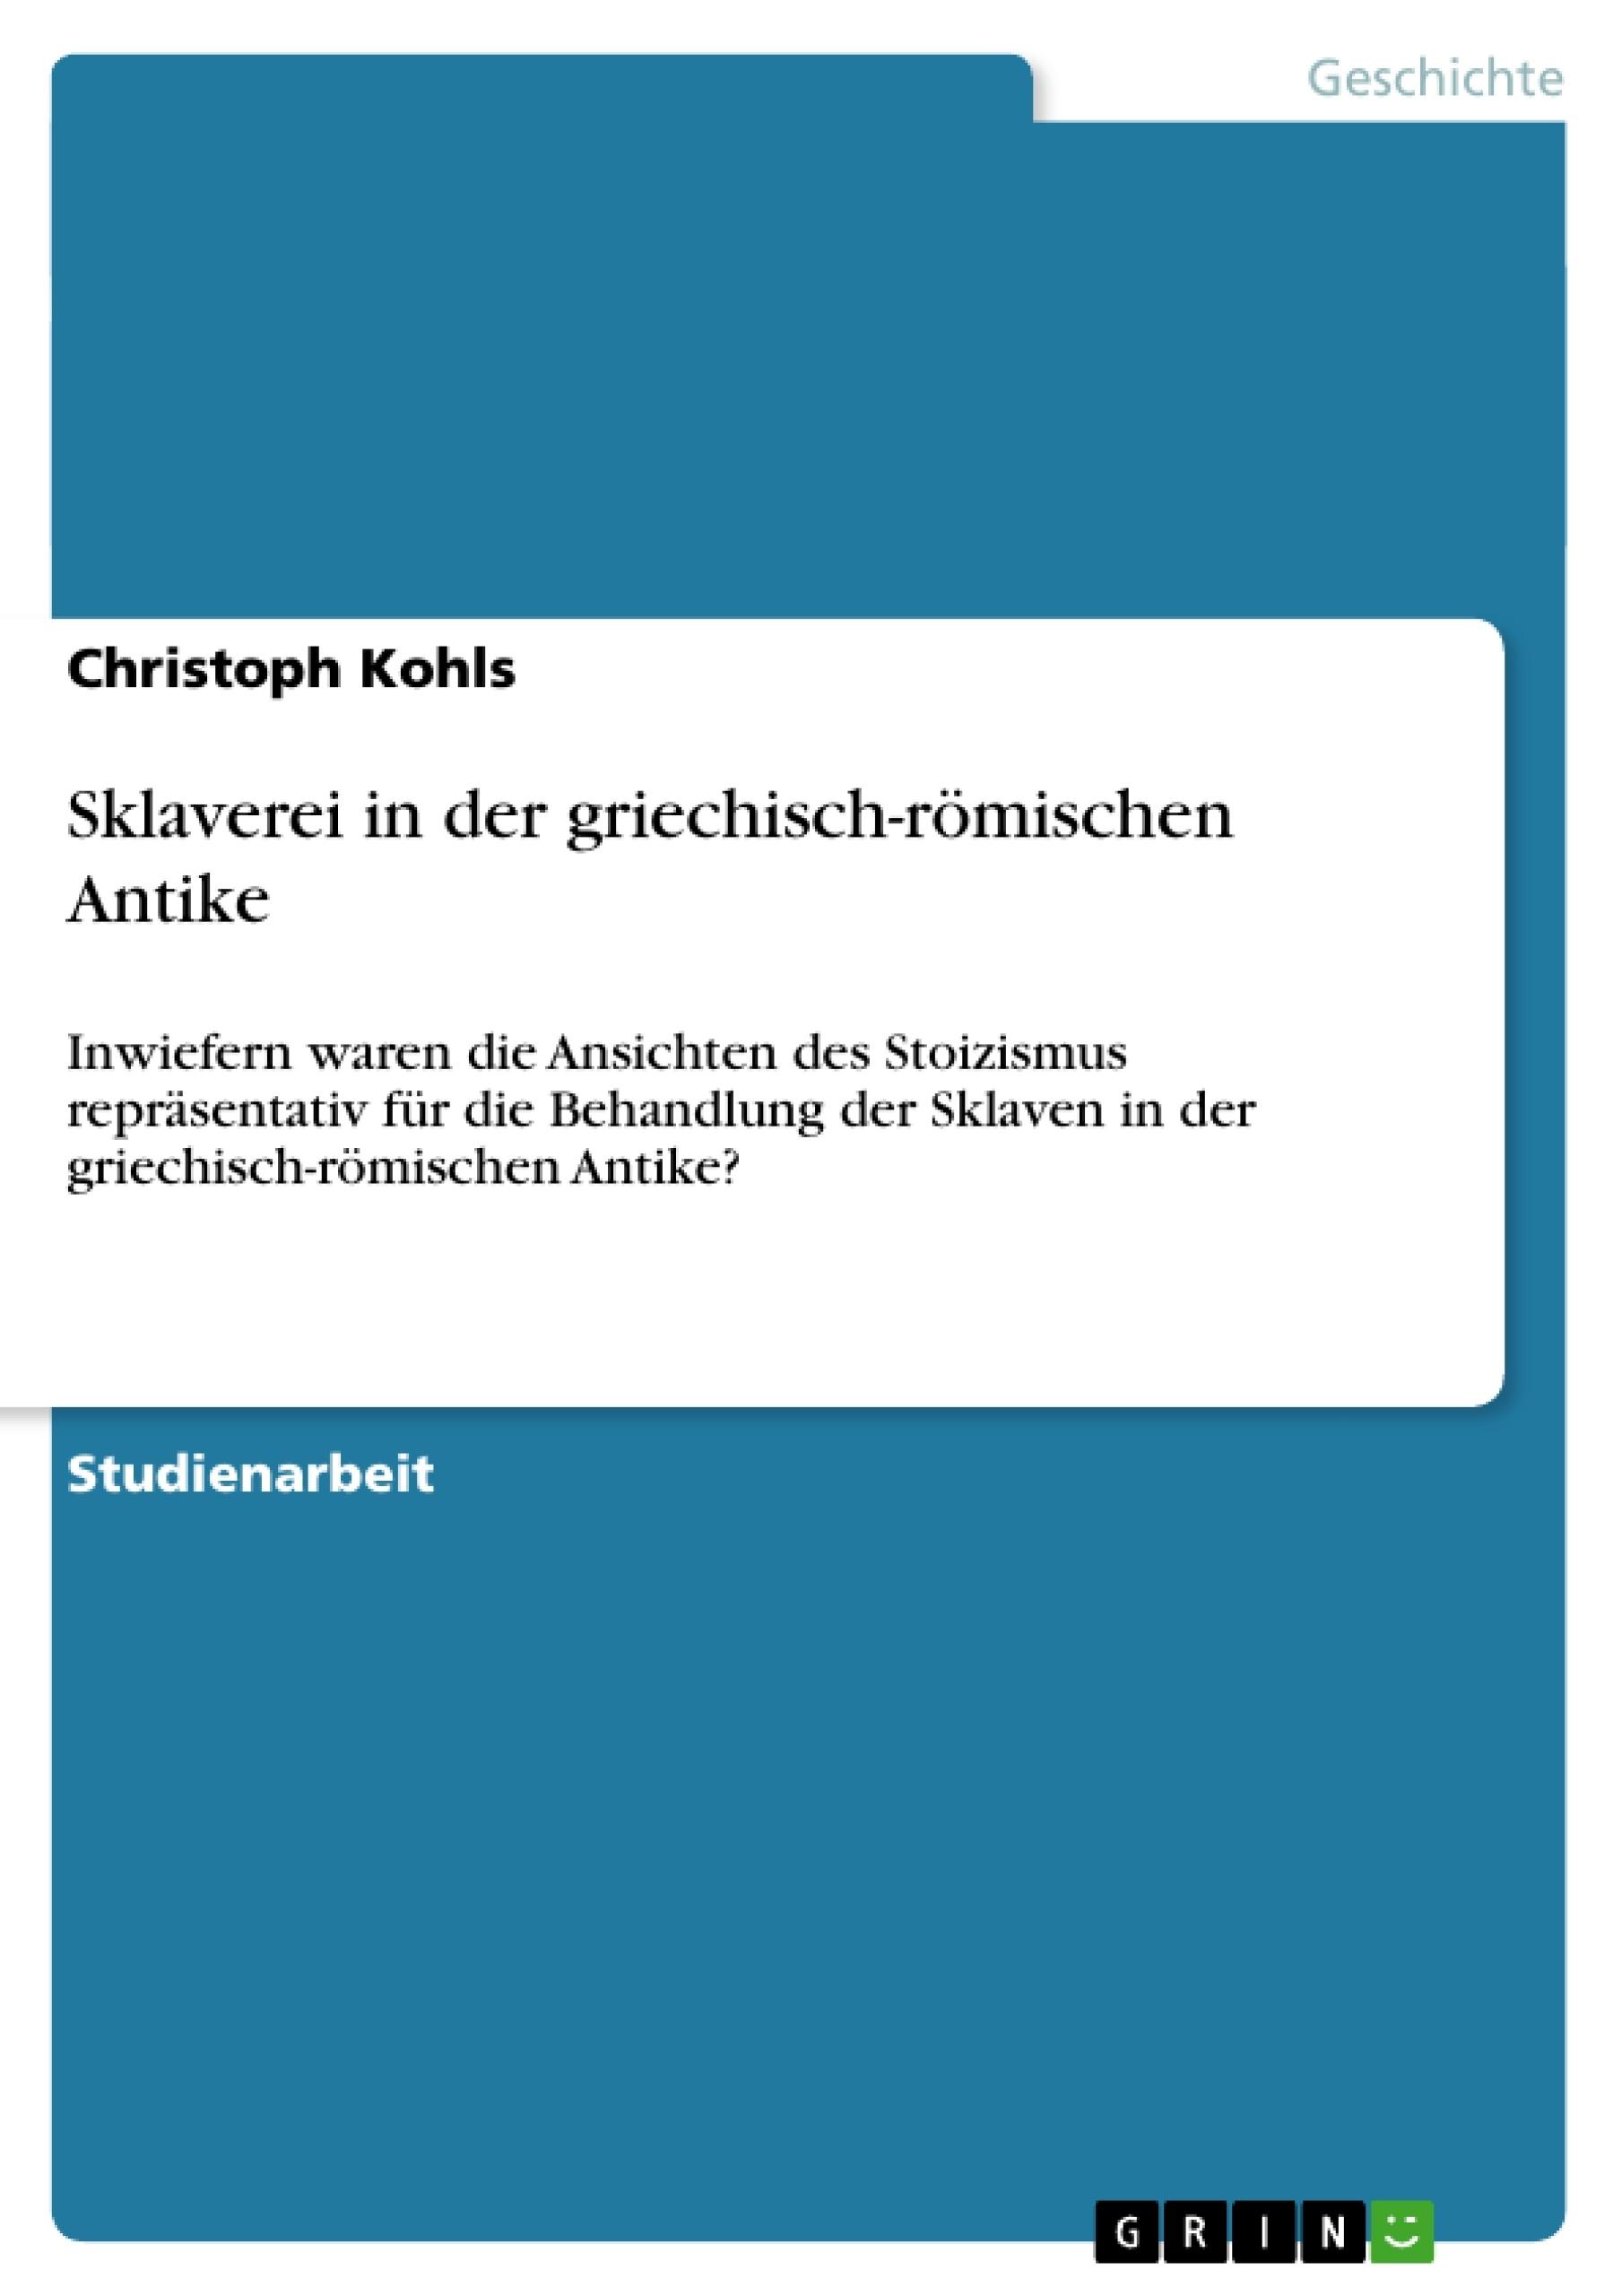 Titel: Sklaverei in der griechisch-römischen Antike